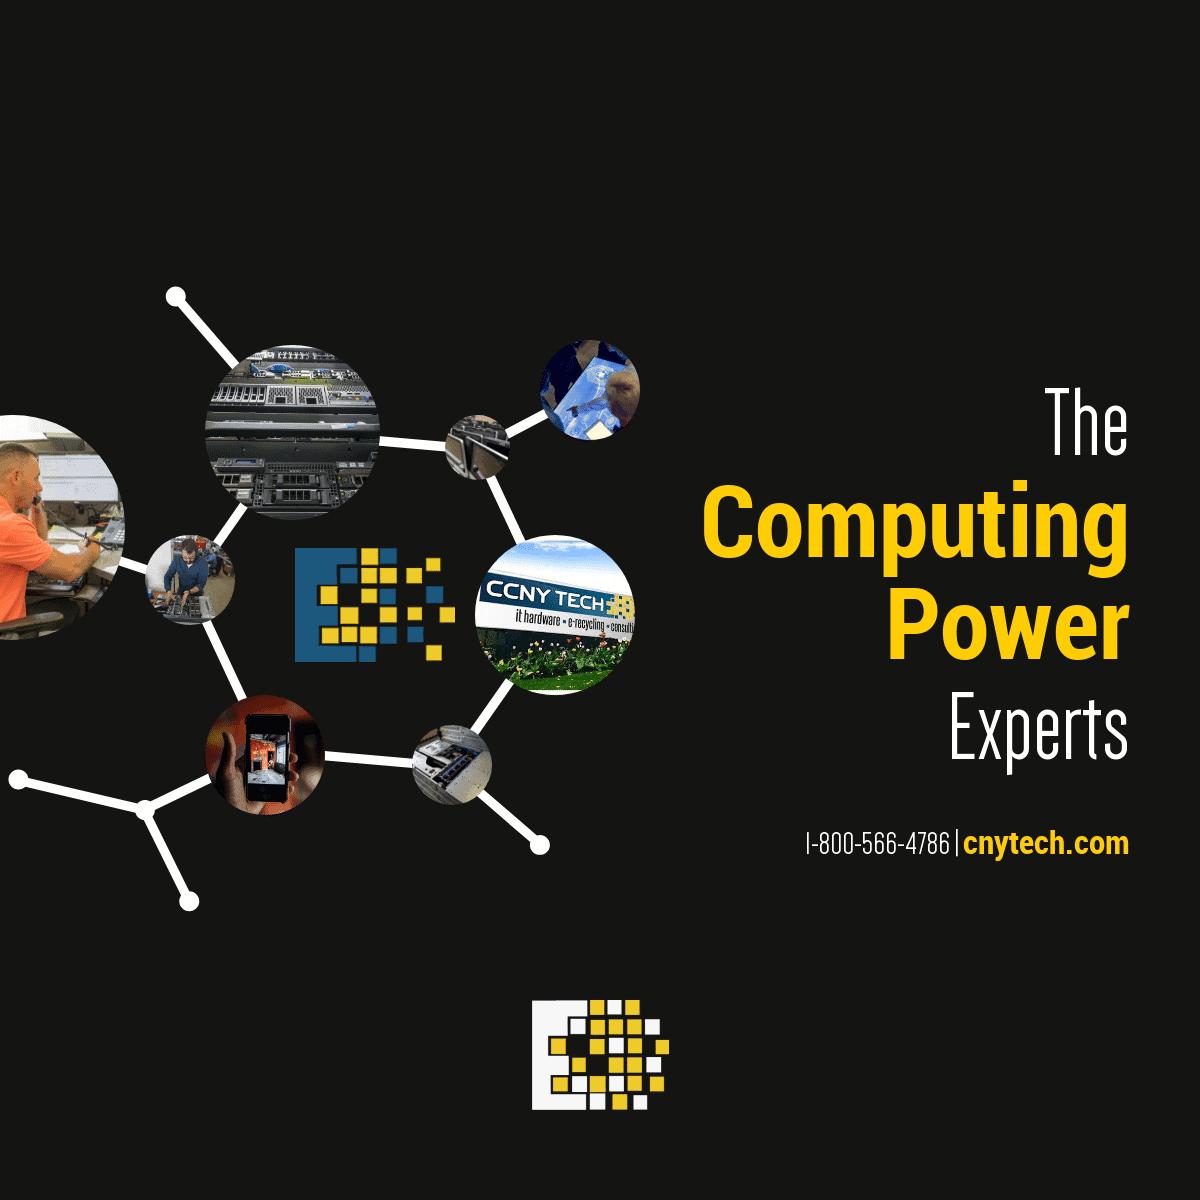 ccny tech computer power